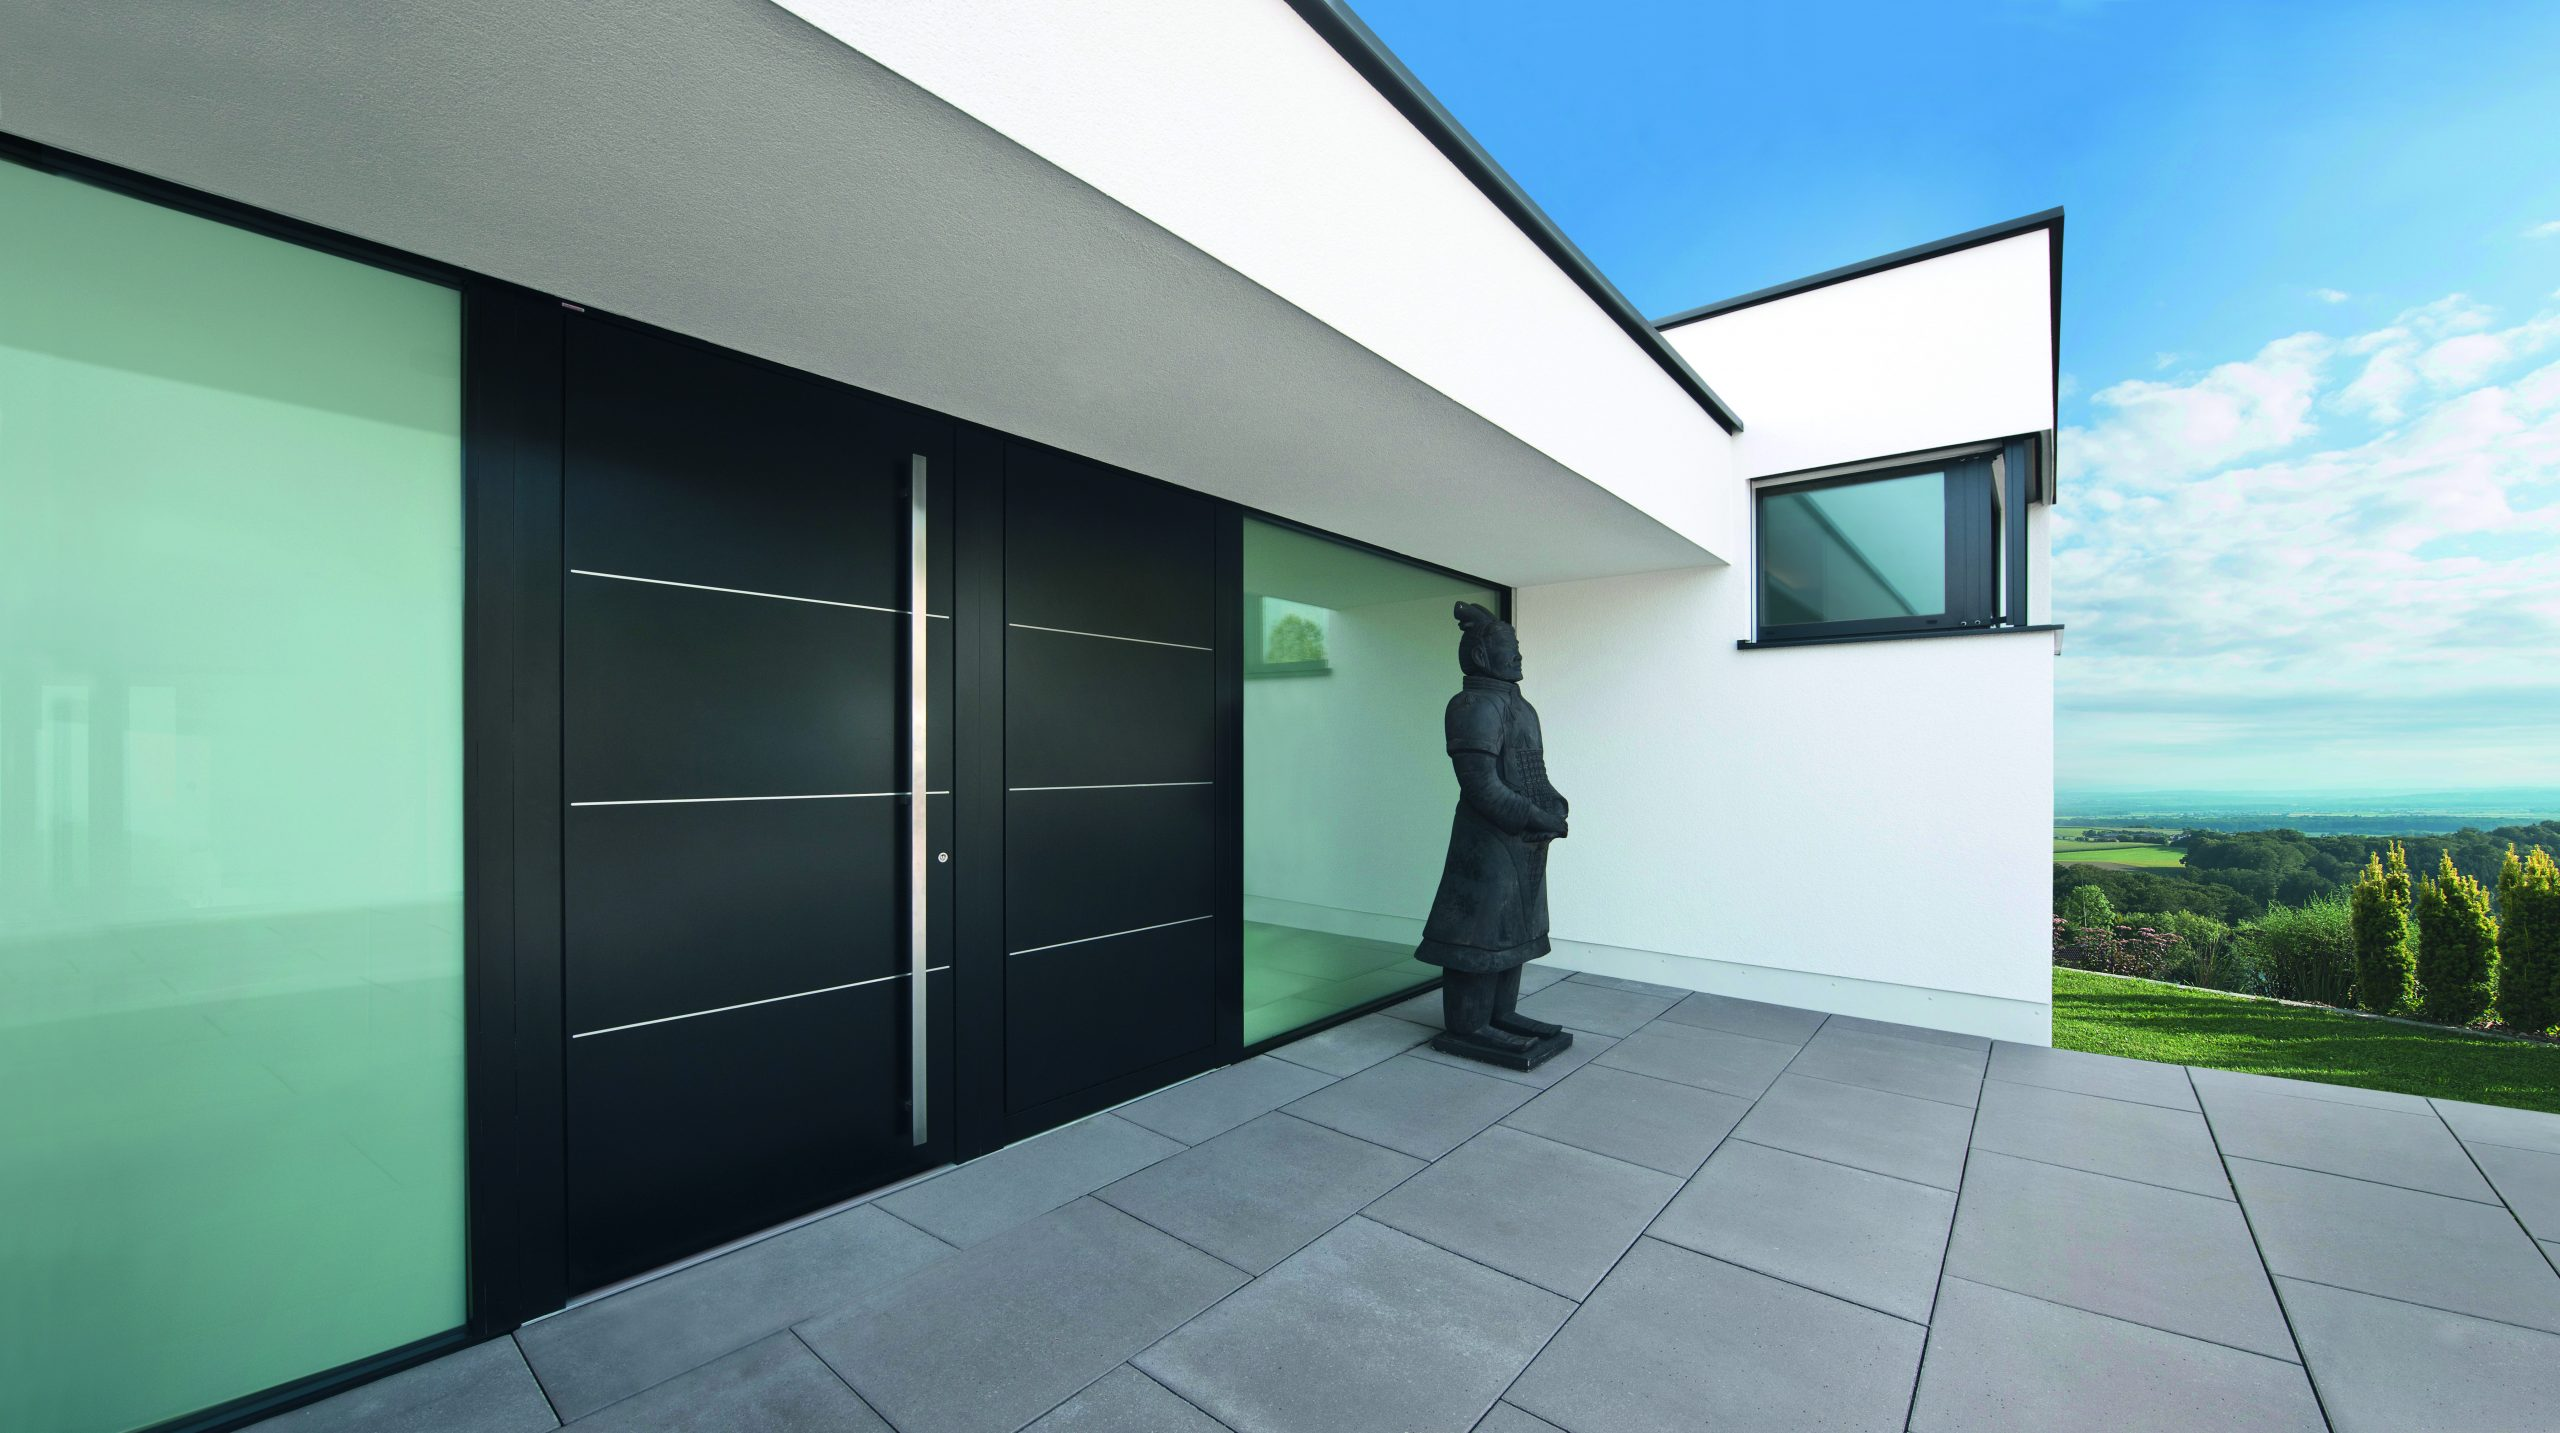 passivhaus doors cost milton keynes